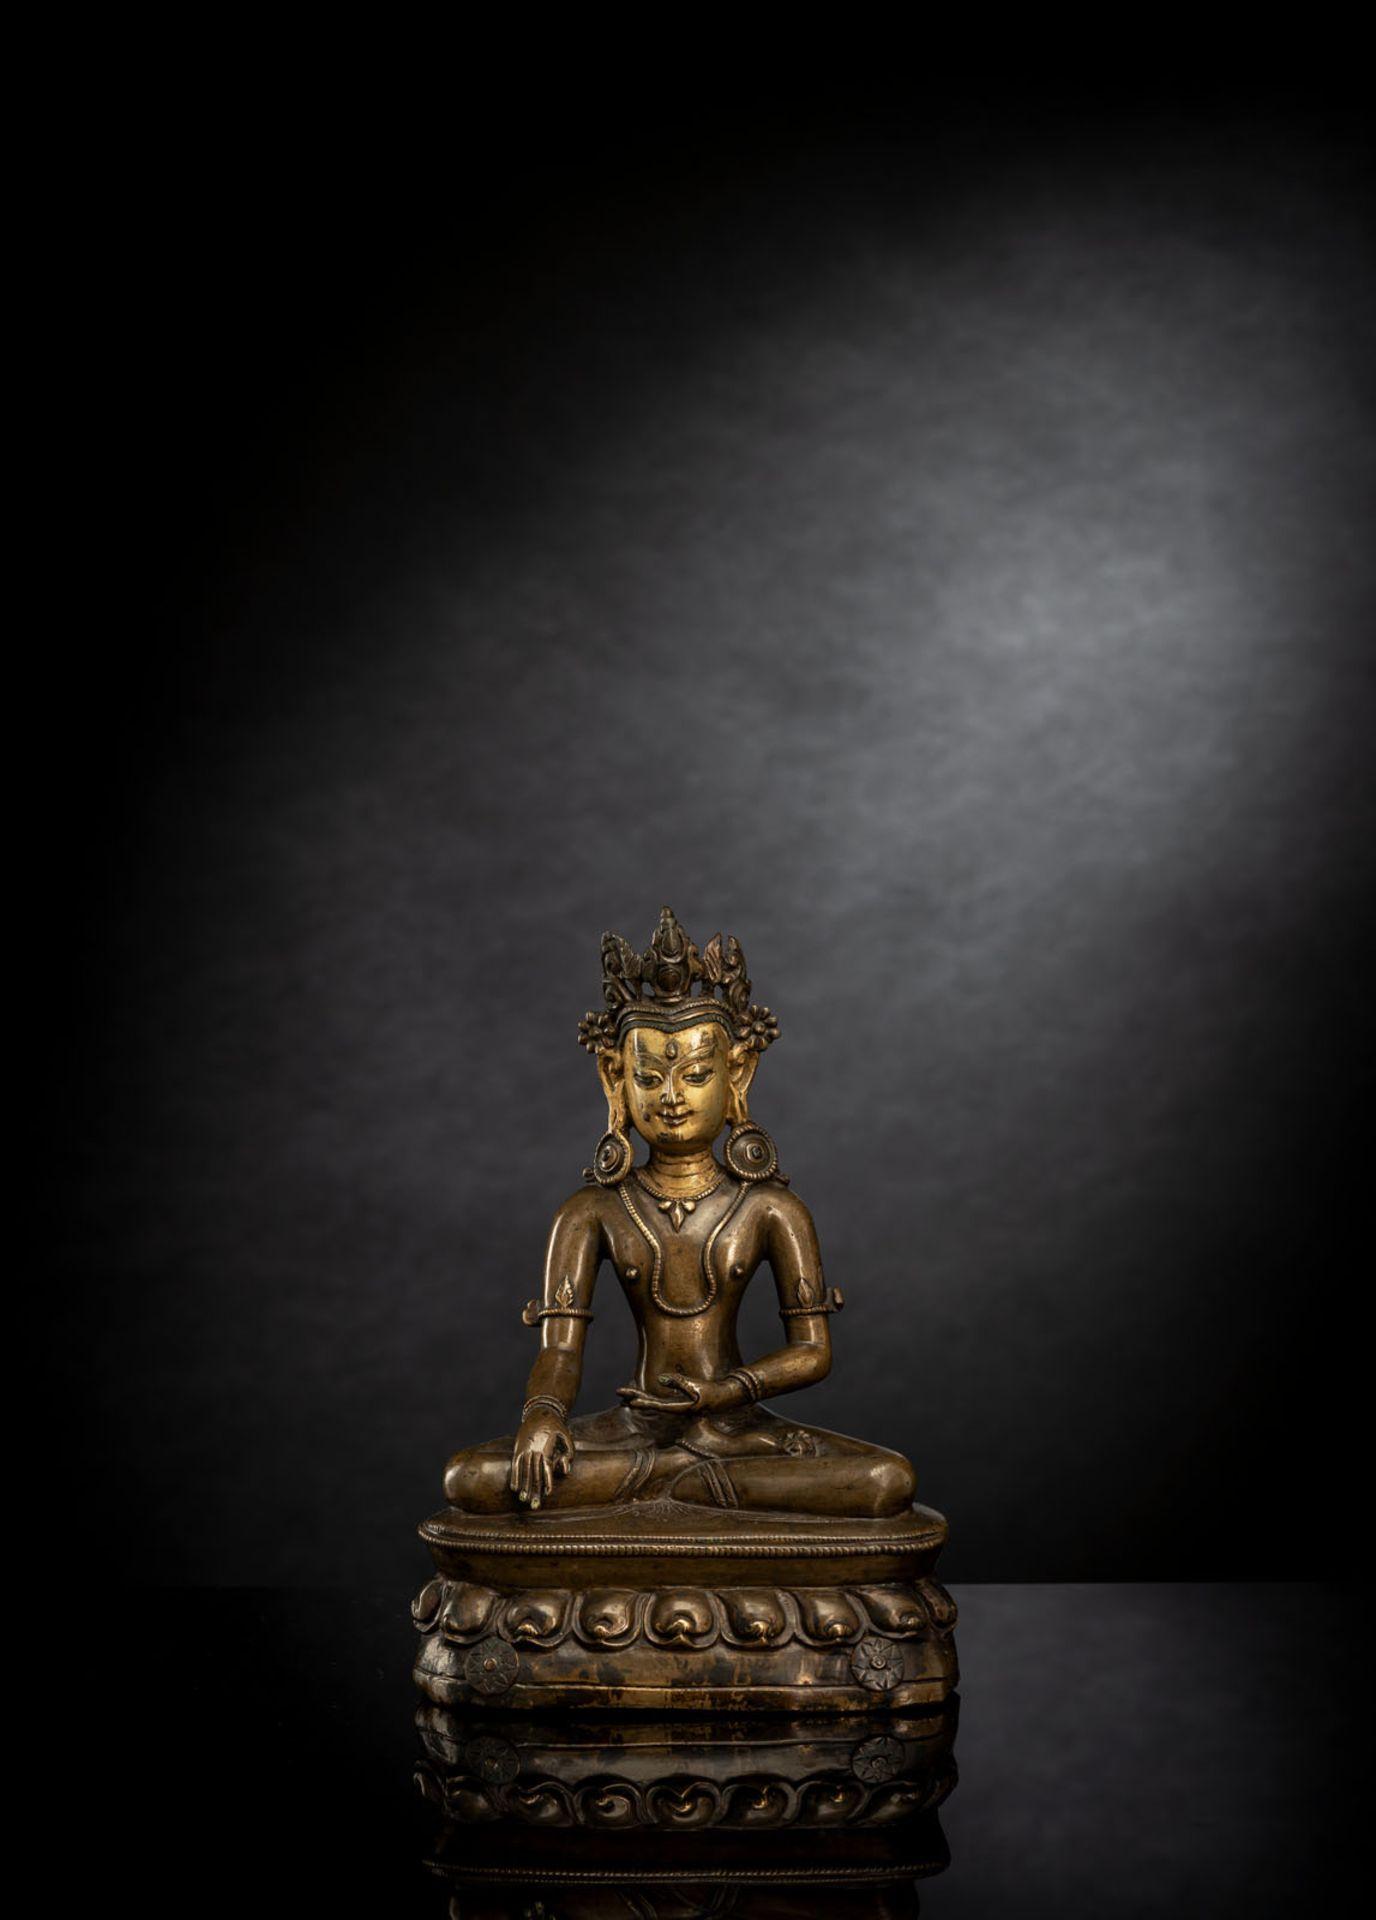 A FINE BRONZE FIGURE OF BUDDHA SHAKYAMUNI